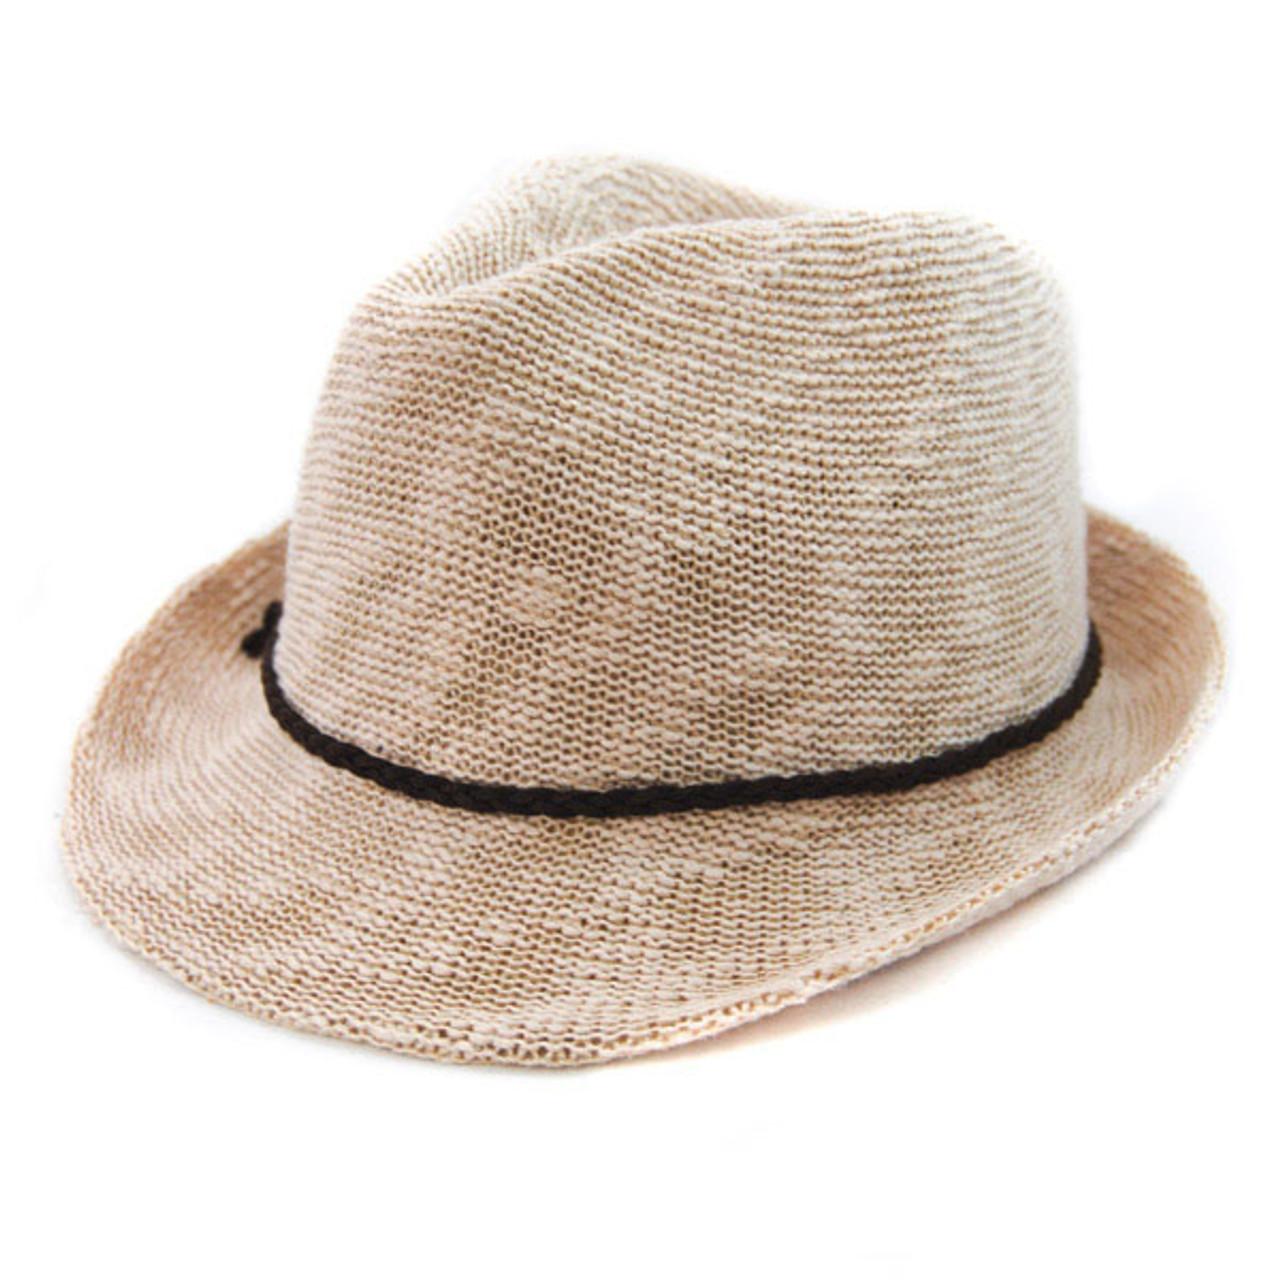 0a05e68b19e San Diego Hat Company